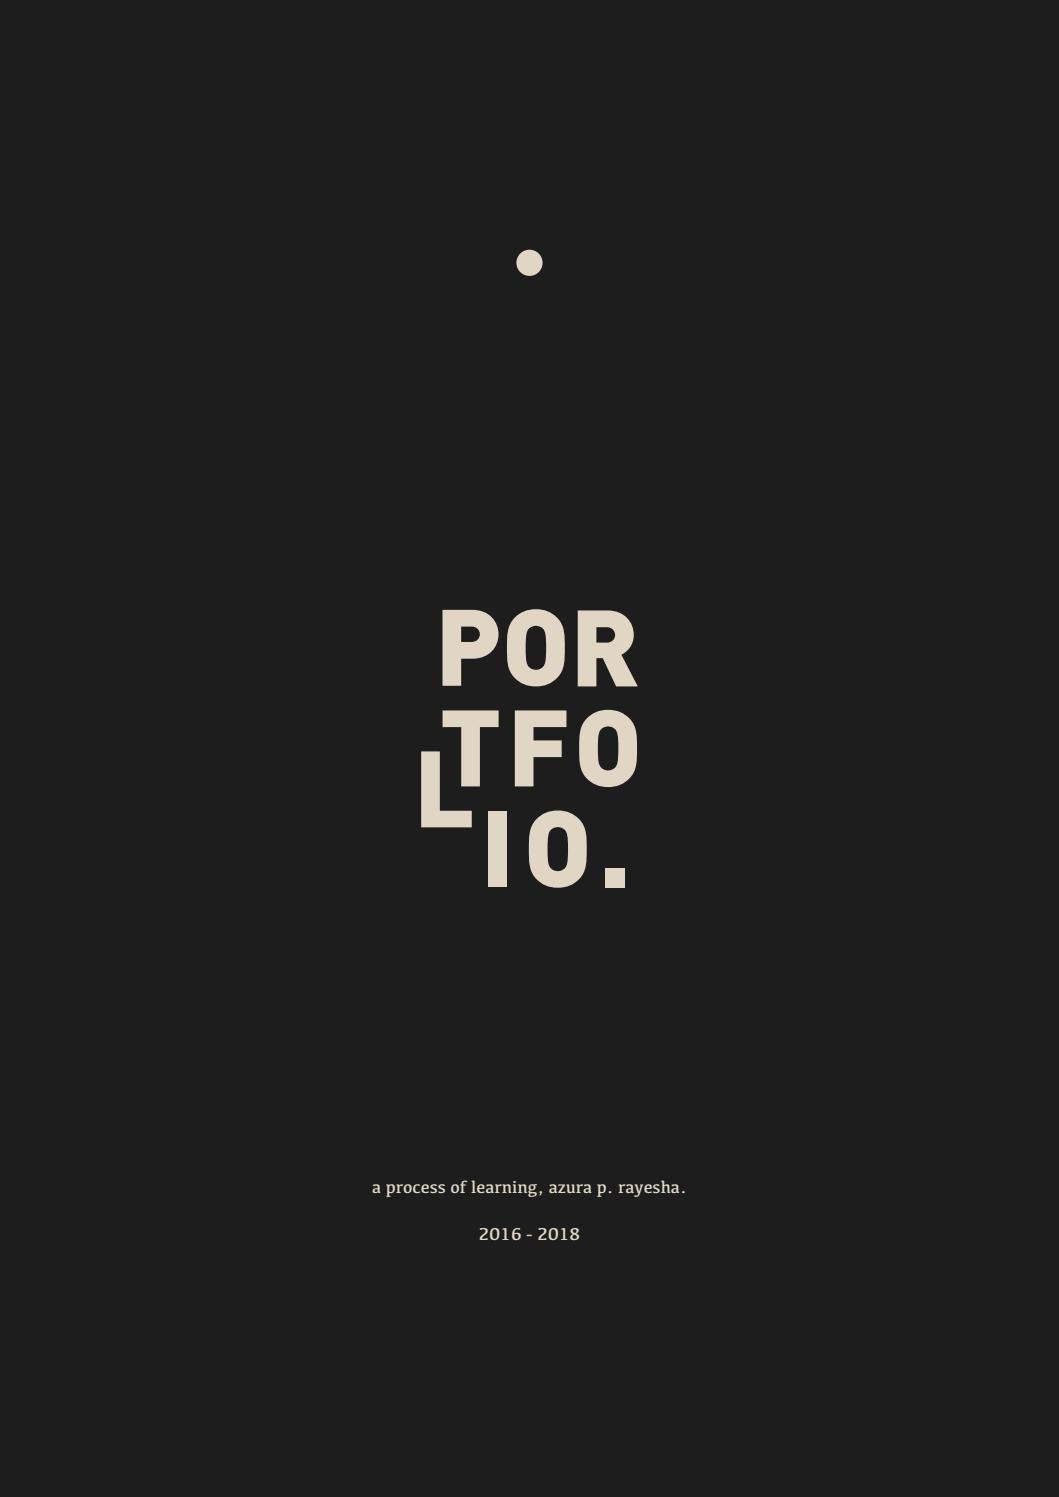 2018 portfolio